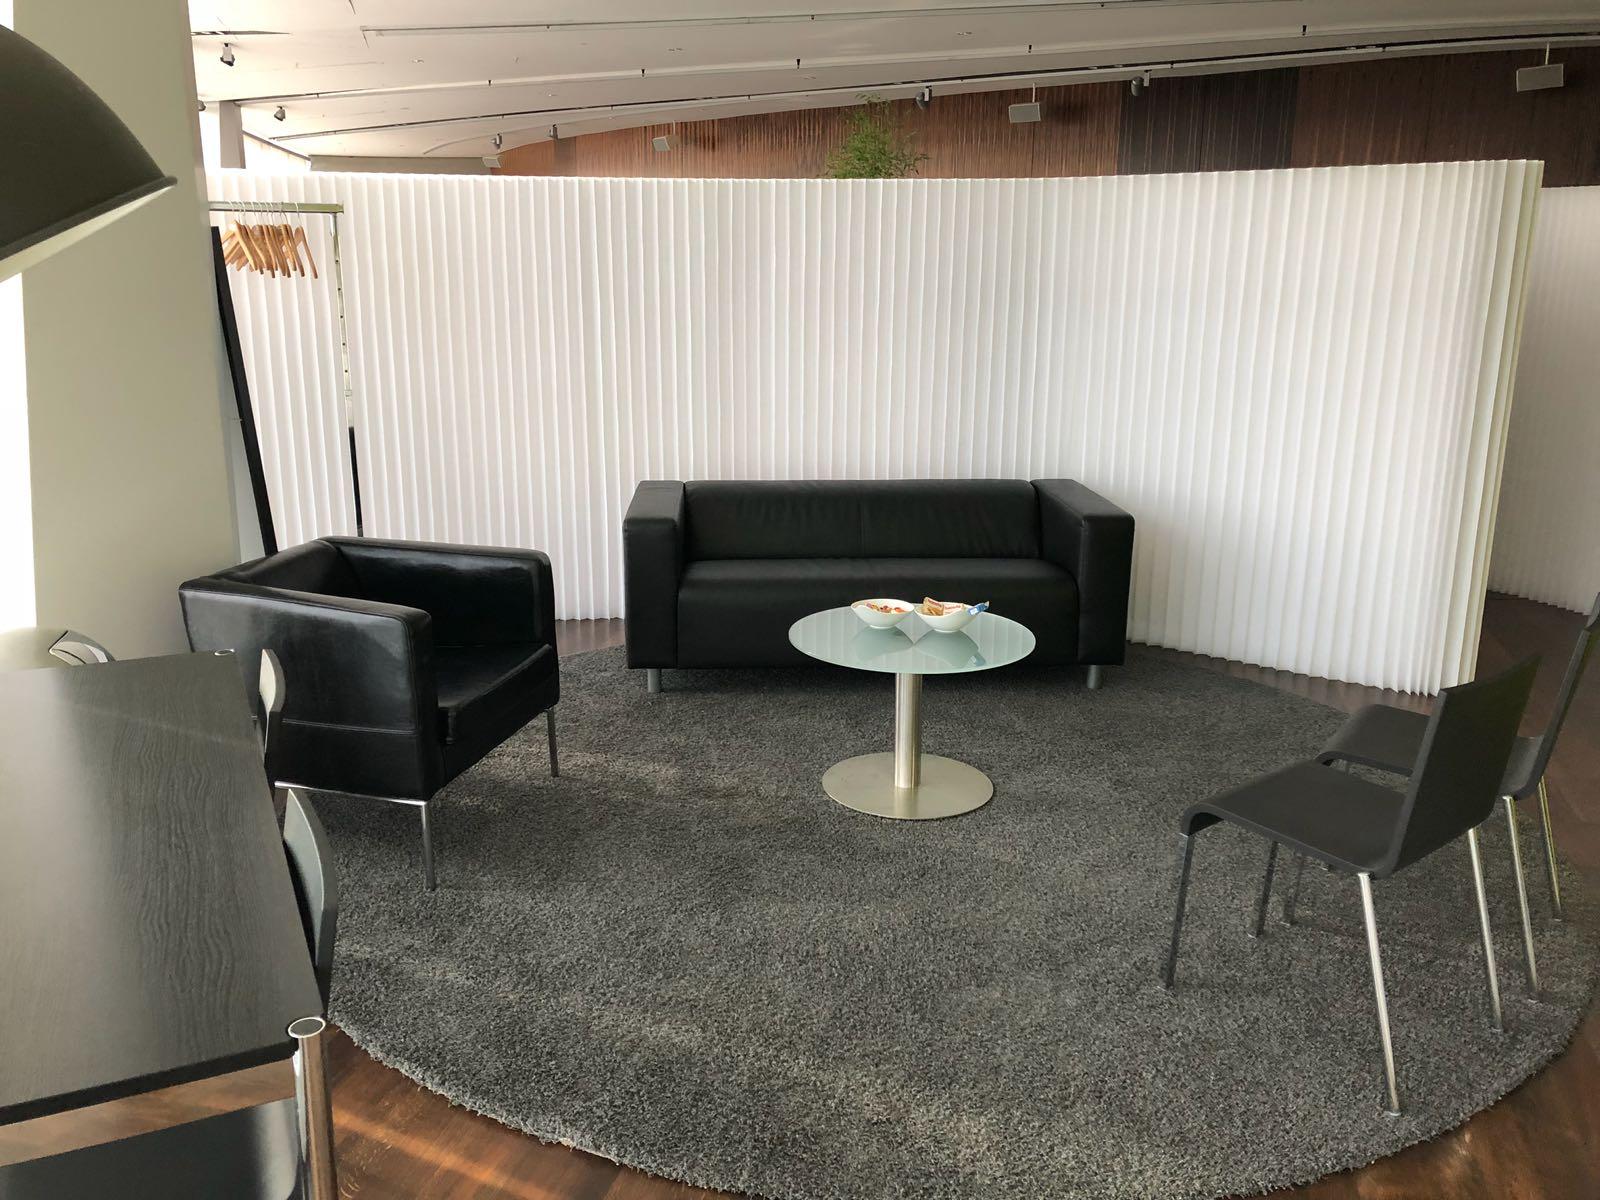 tisch-glasplatte-stuhl-moeble-stehlampe-sofa-sessel-messe-konzert-backstage-eventausstattung-ausstattung-event-garderobe